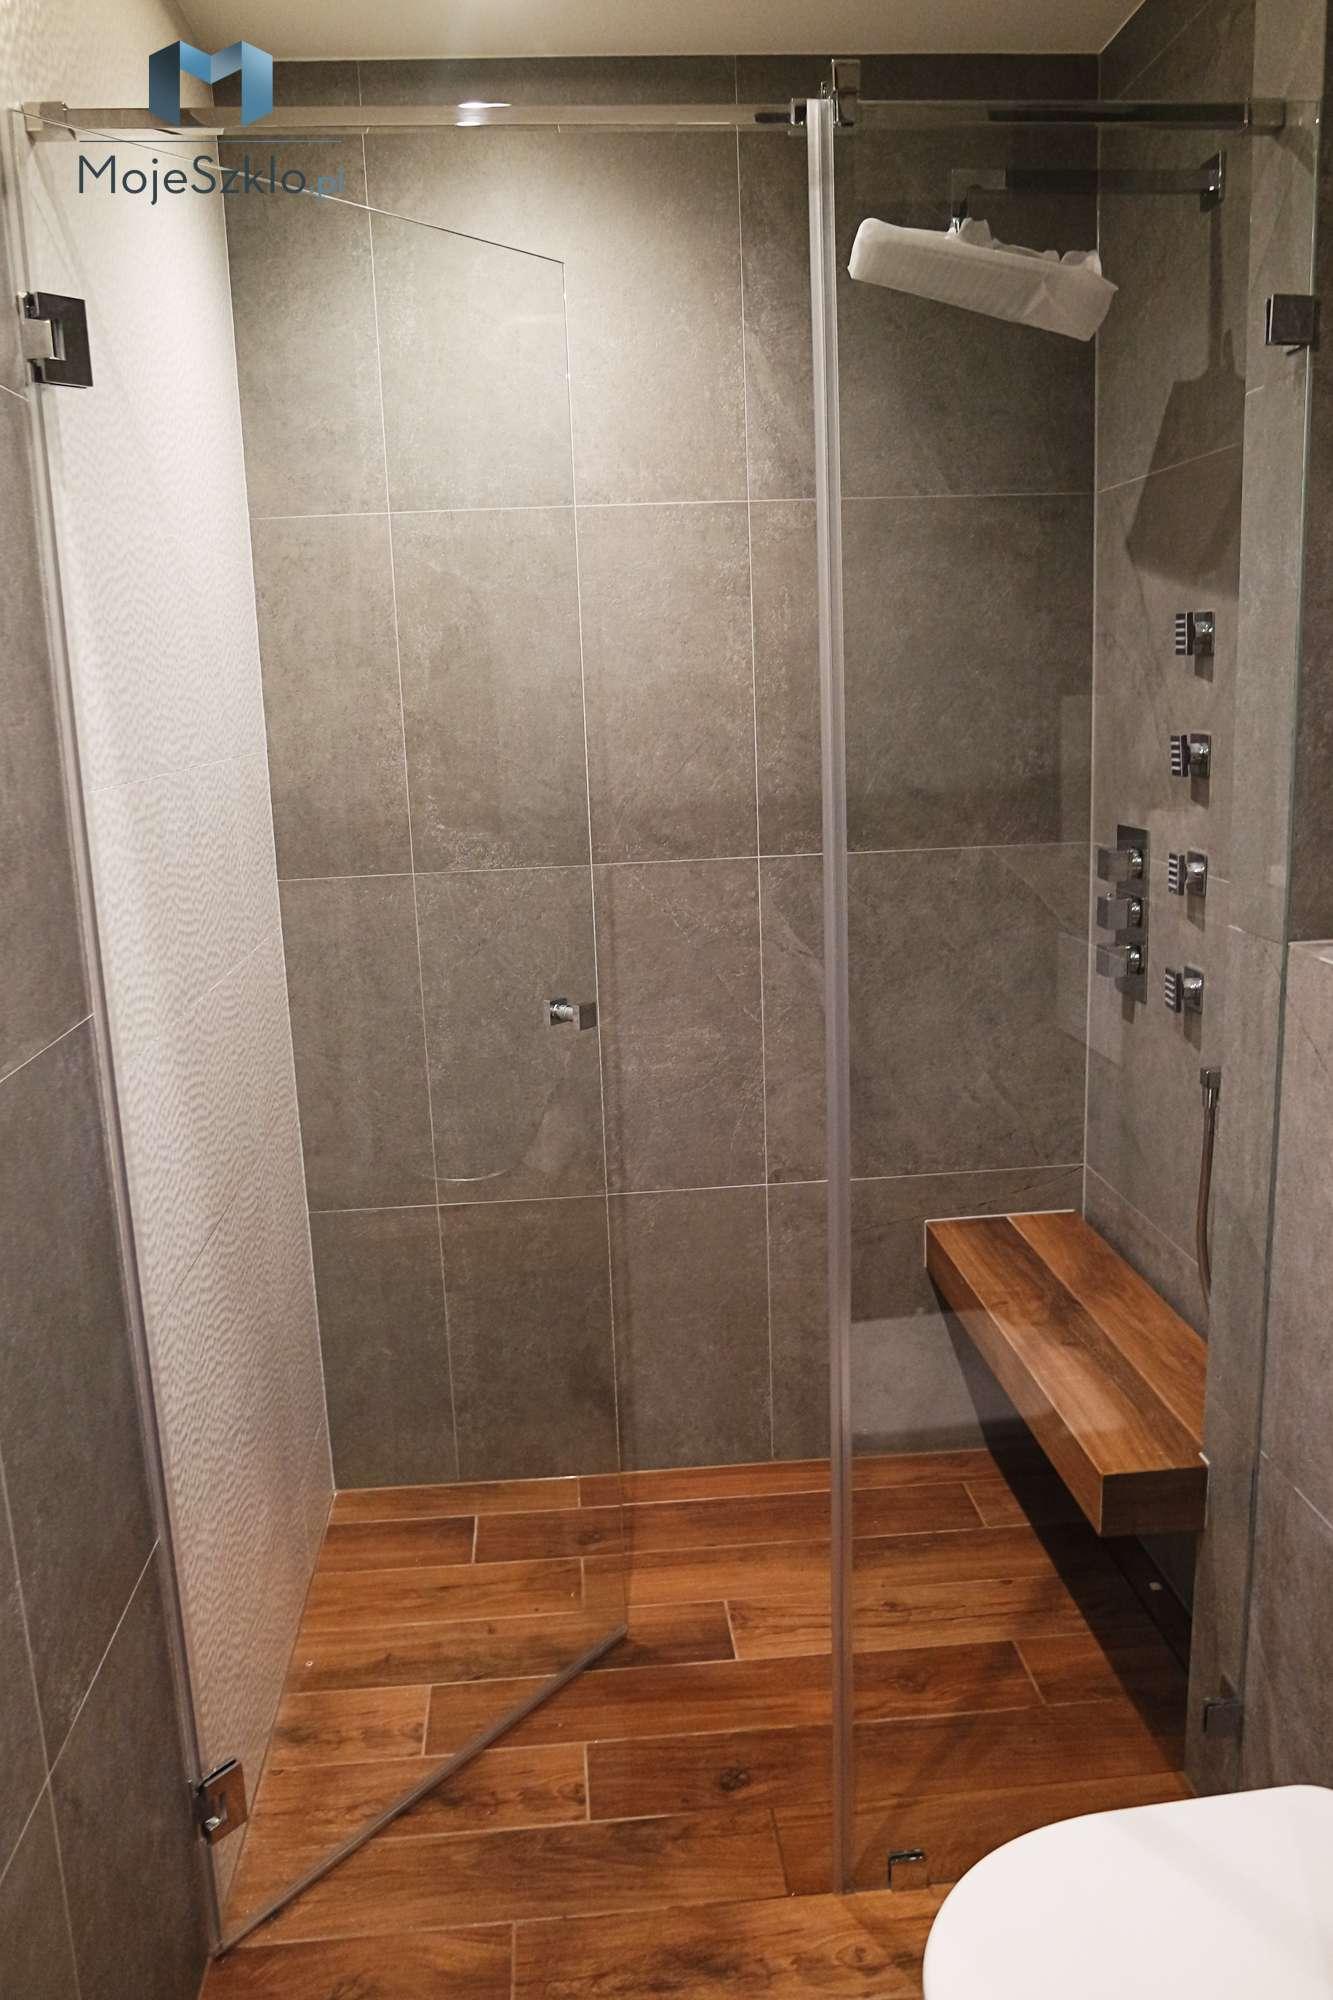 Kabiny Prysznicowe Dwuosobowe - Kabiny prysznicowe wnękowe na wymiar